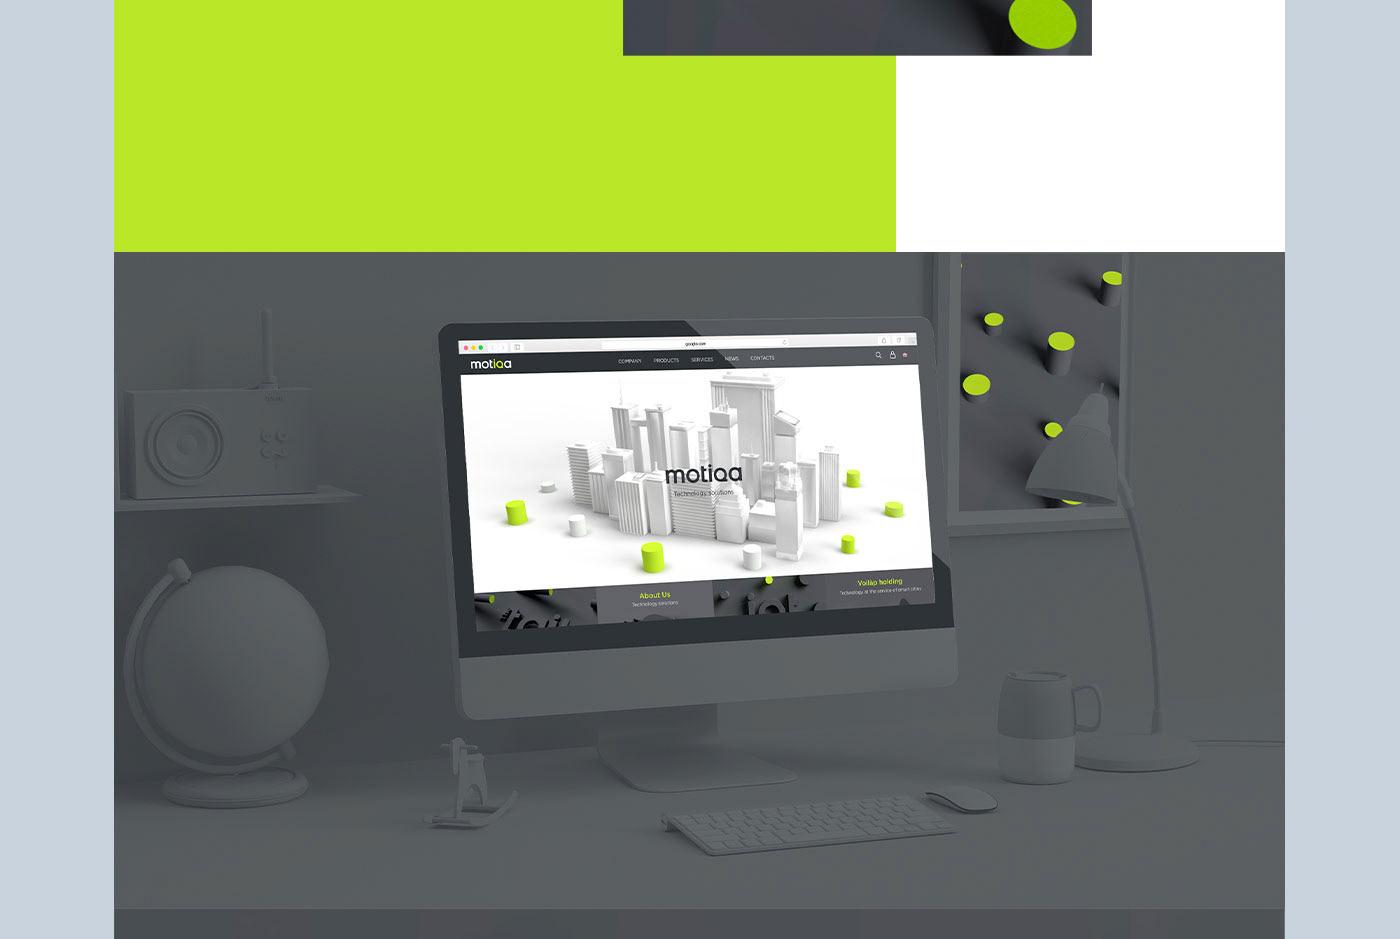 Adobe Dimension company website design web motiqa sito web sviluppo web voilàp holding Web Design